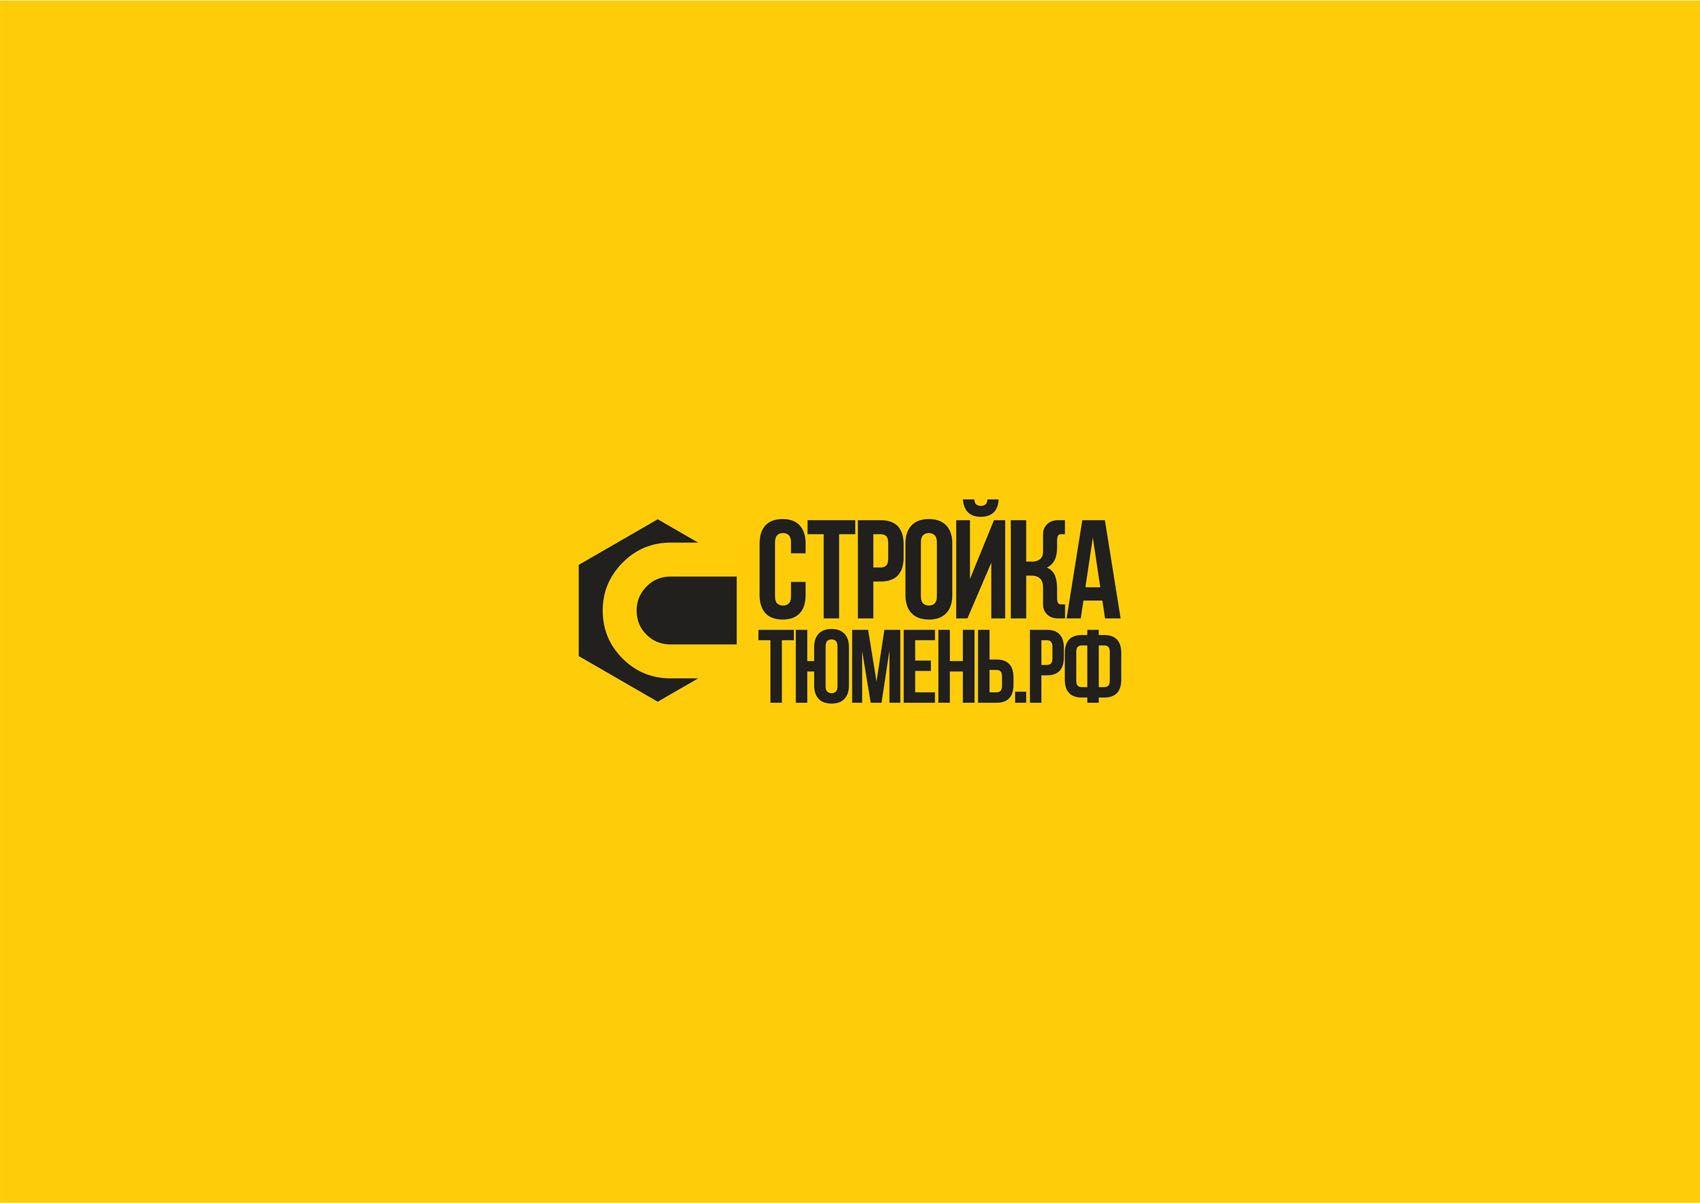 Логотип для строительного портала - дизайнер dossbos